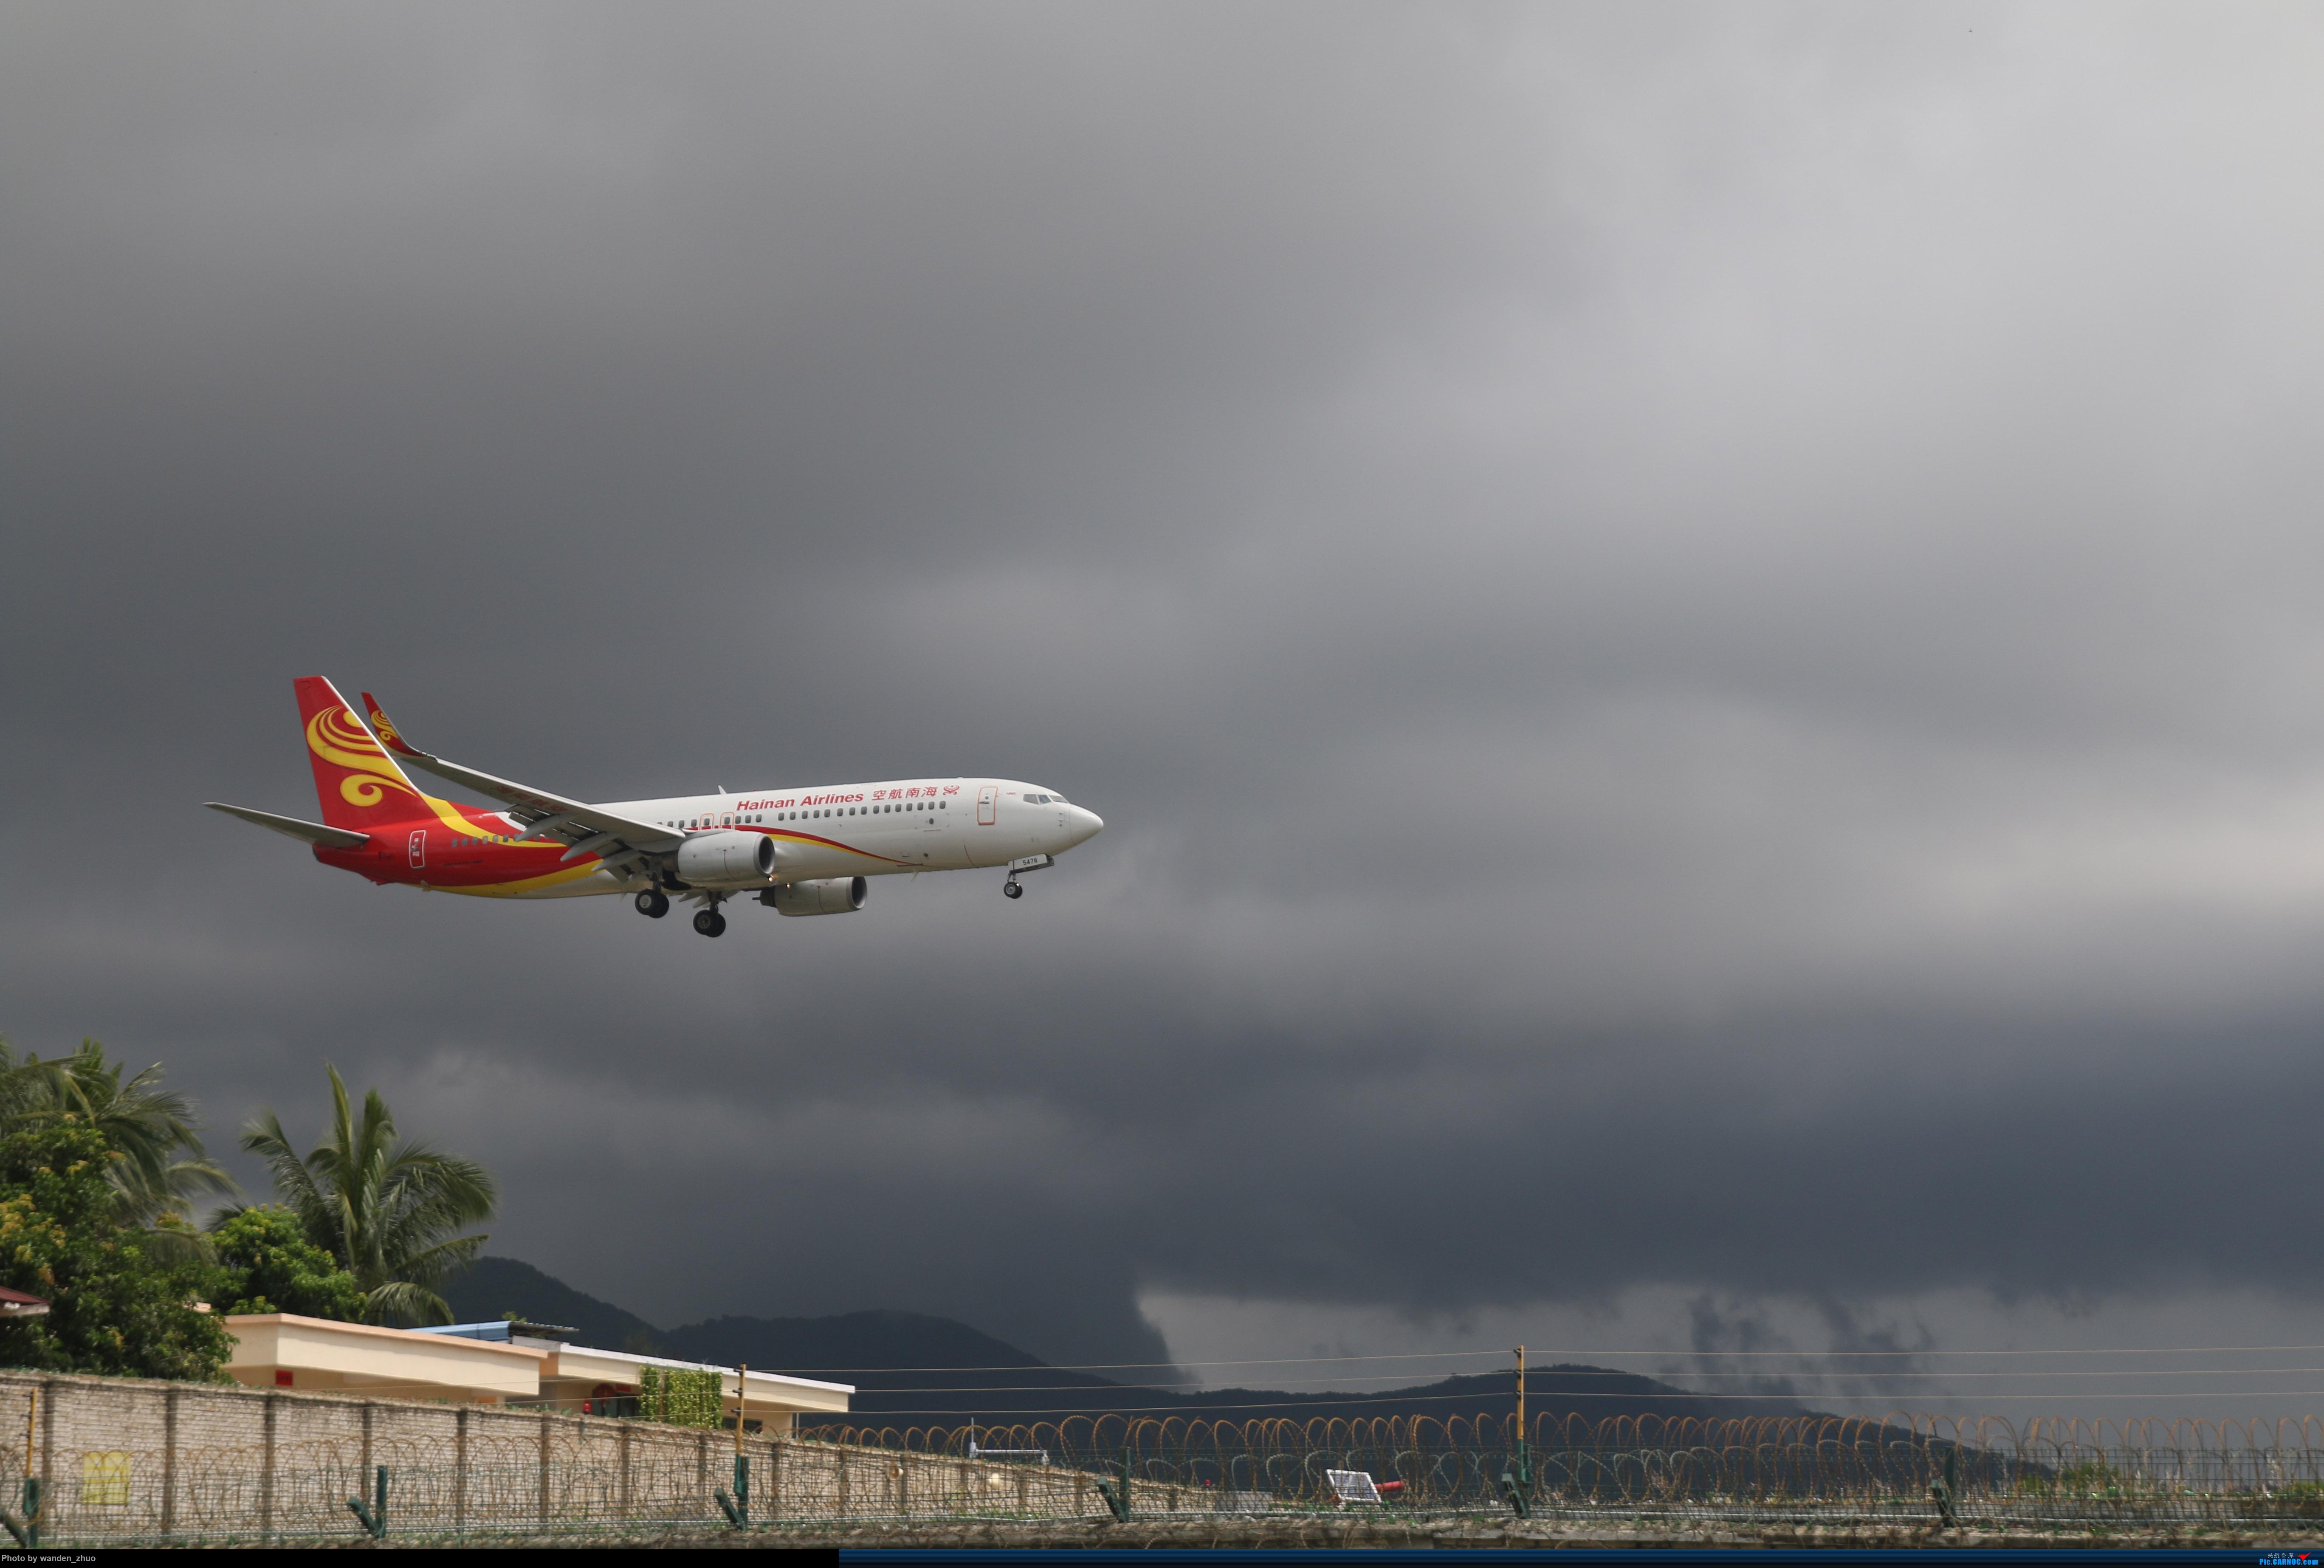 Re:[原创]人生第一次在机场拍机,献给三亚凤凰机场 BOEING 737-800 B-5478 中国三亚凤凰国际机场